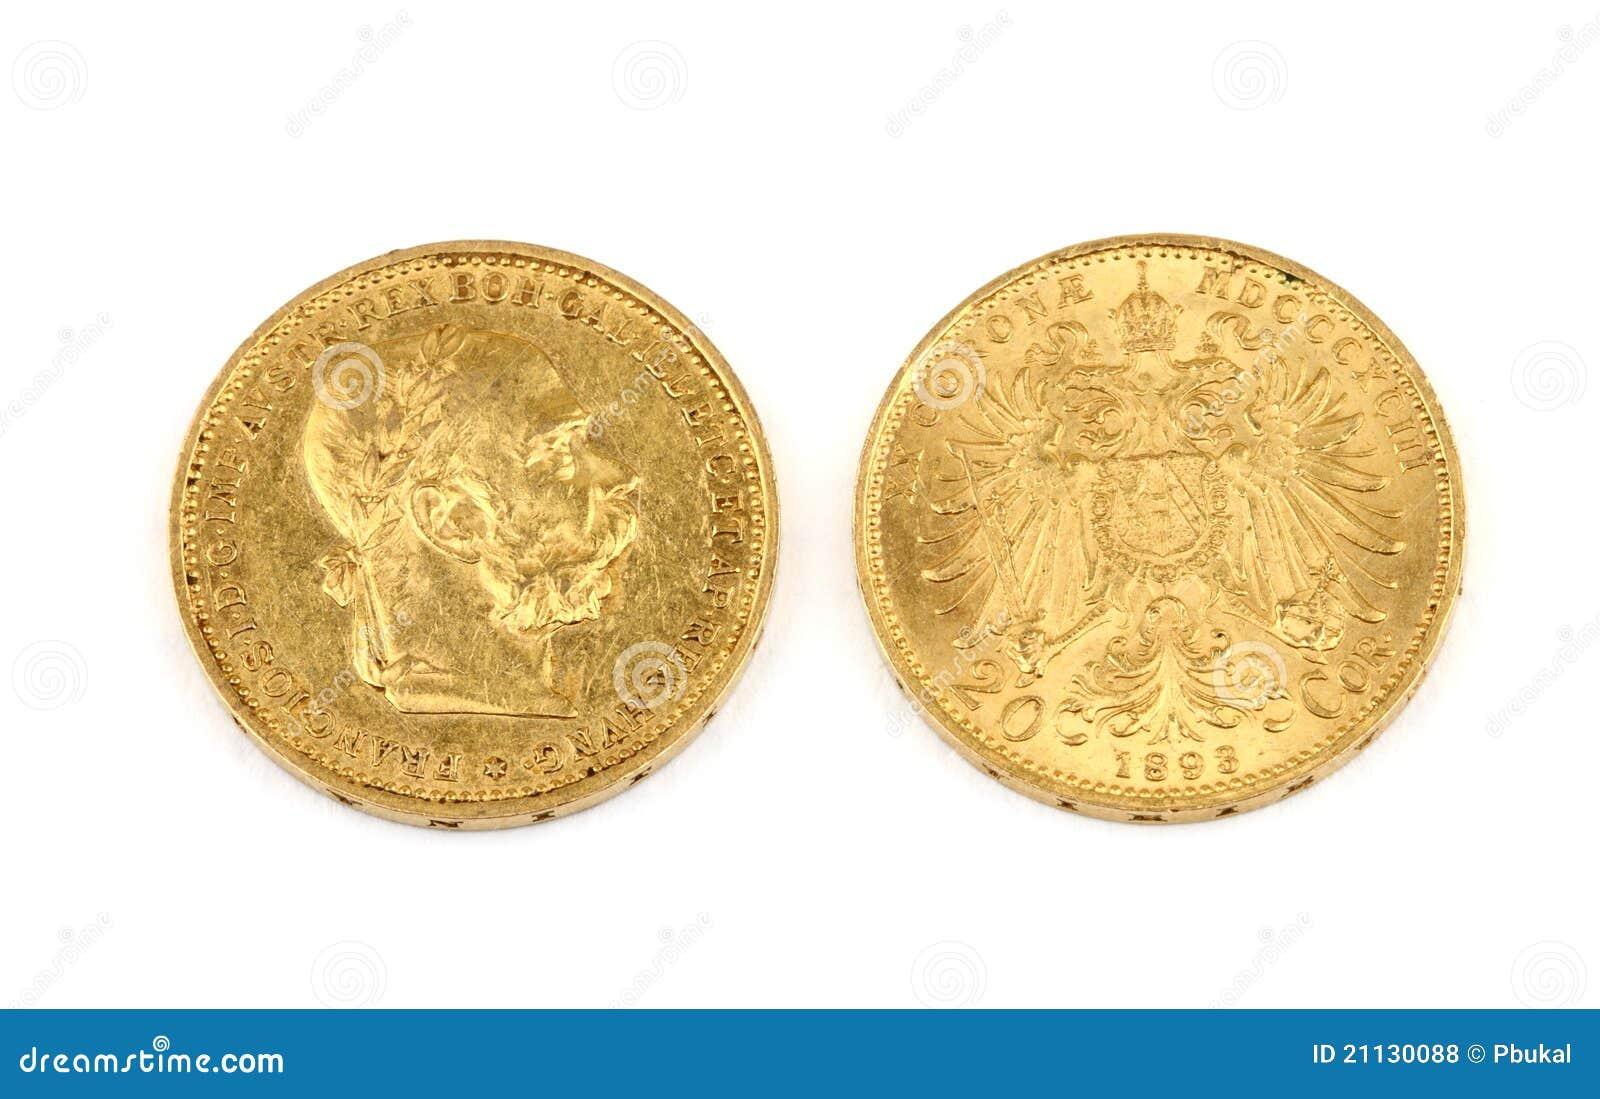 Monedas de oro viejo